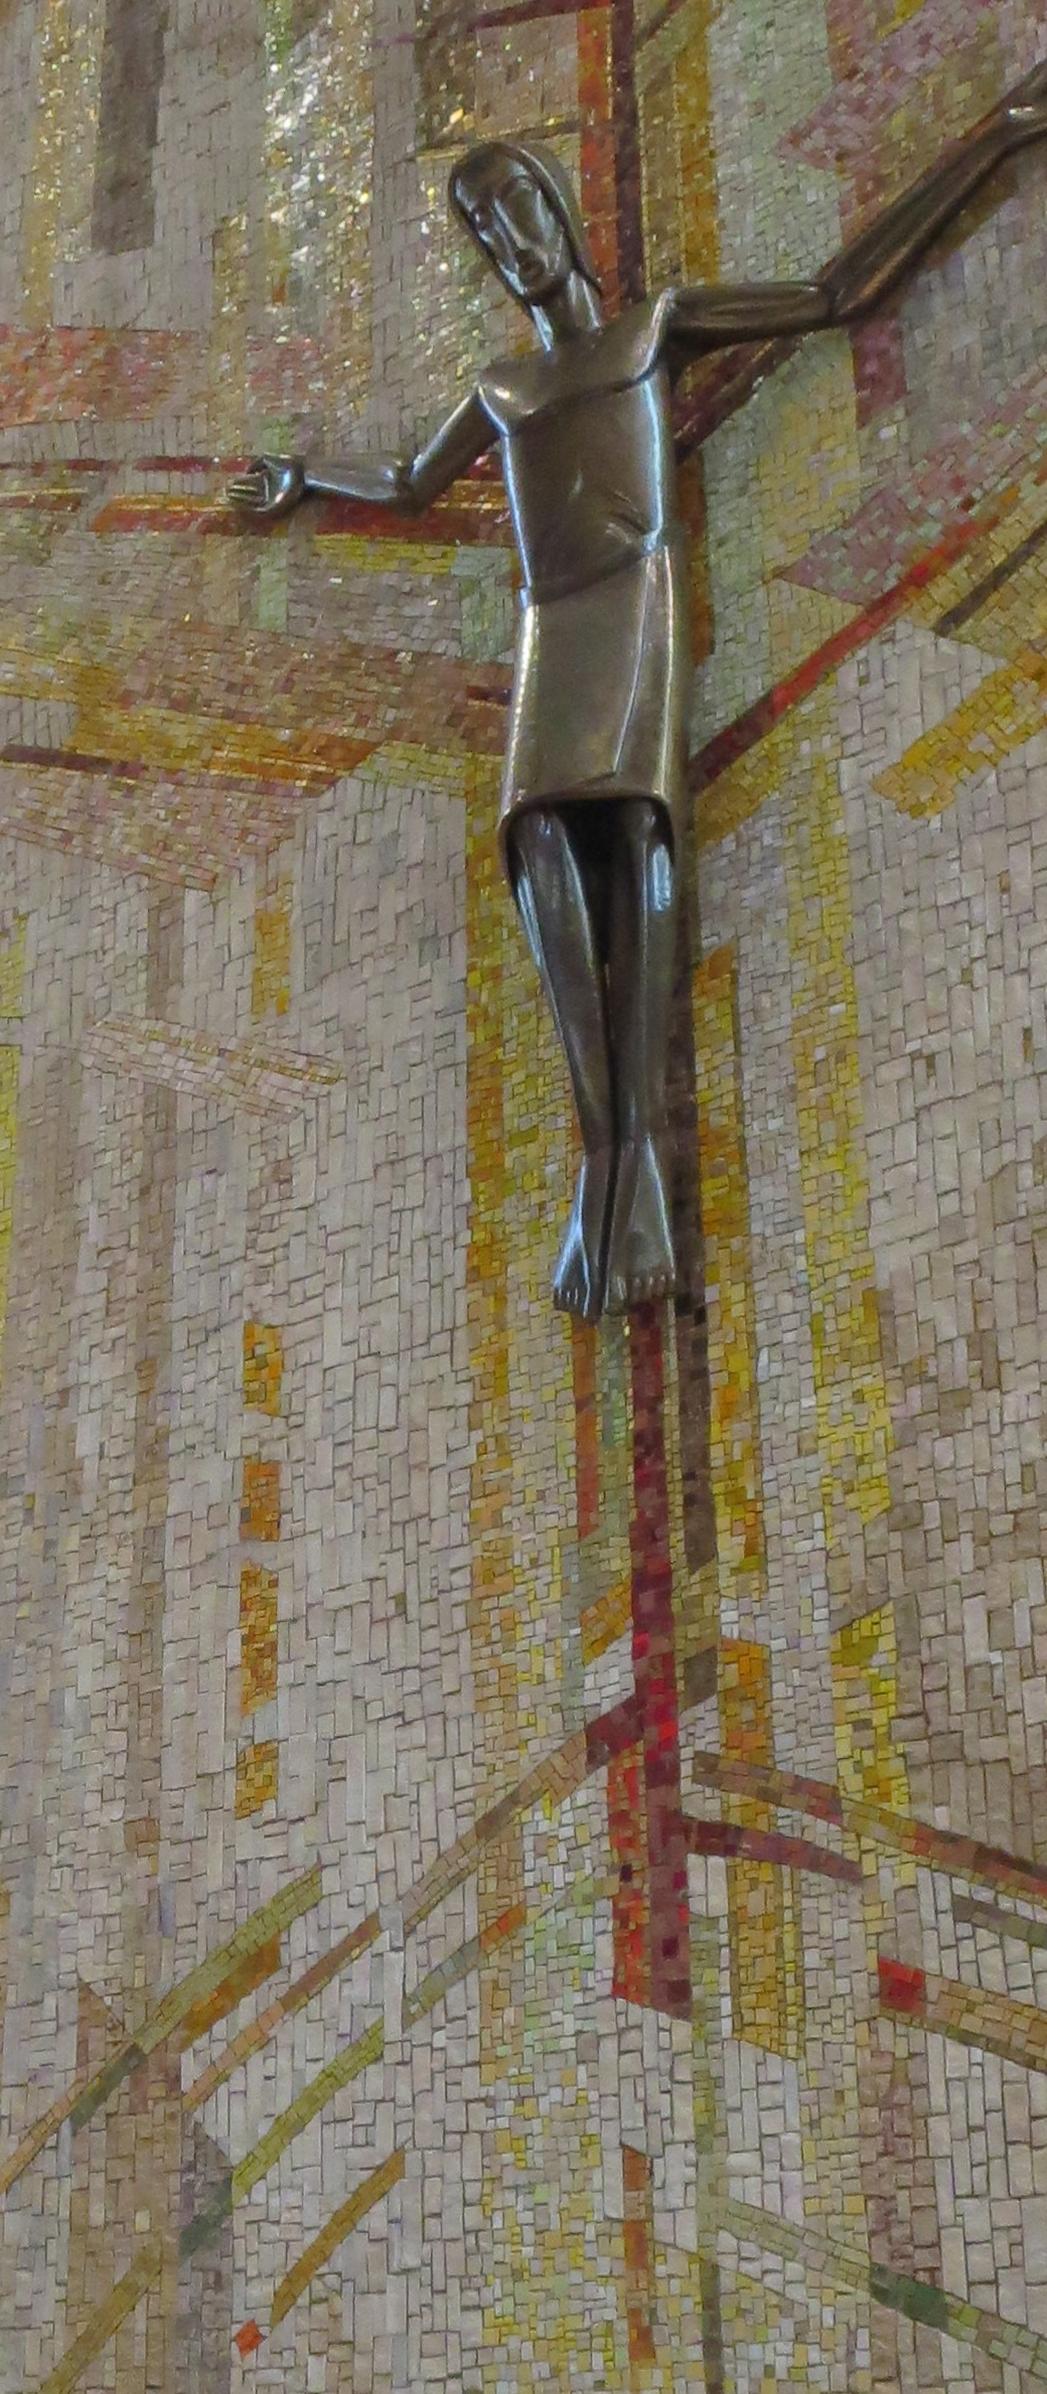 SJ Crucifix